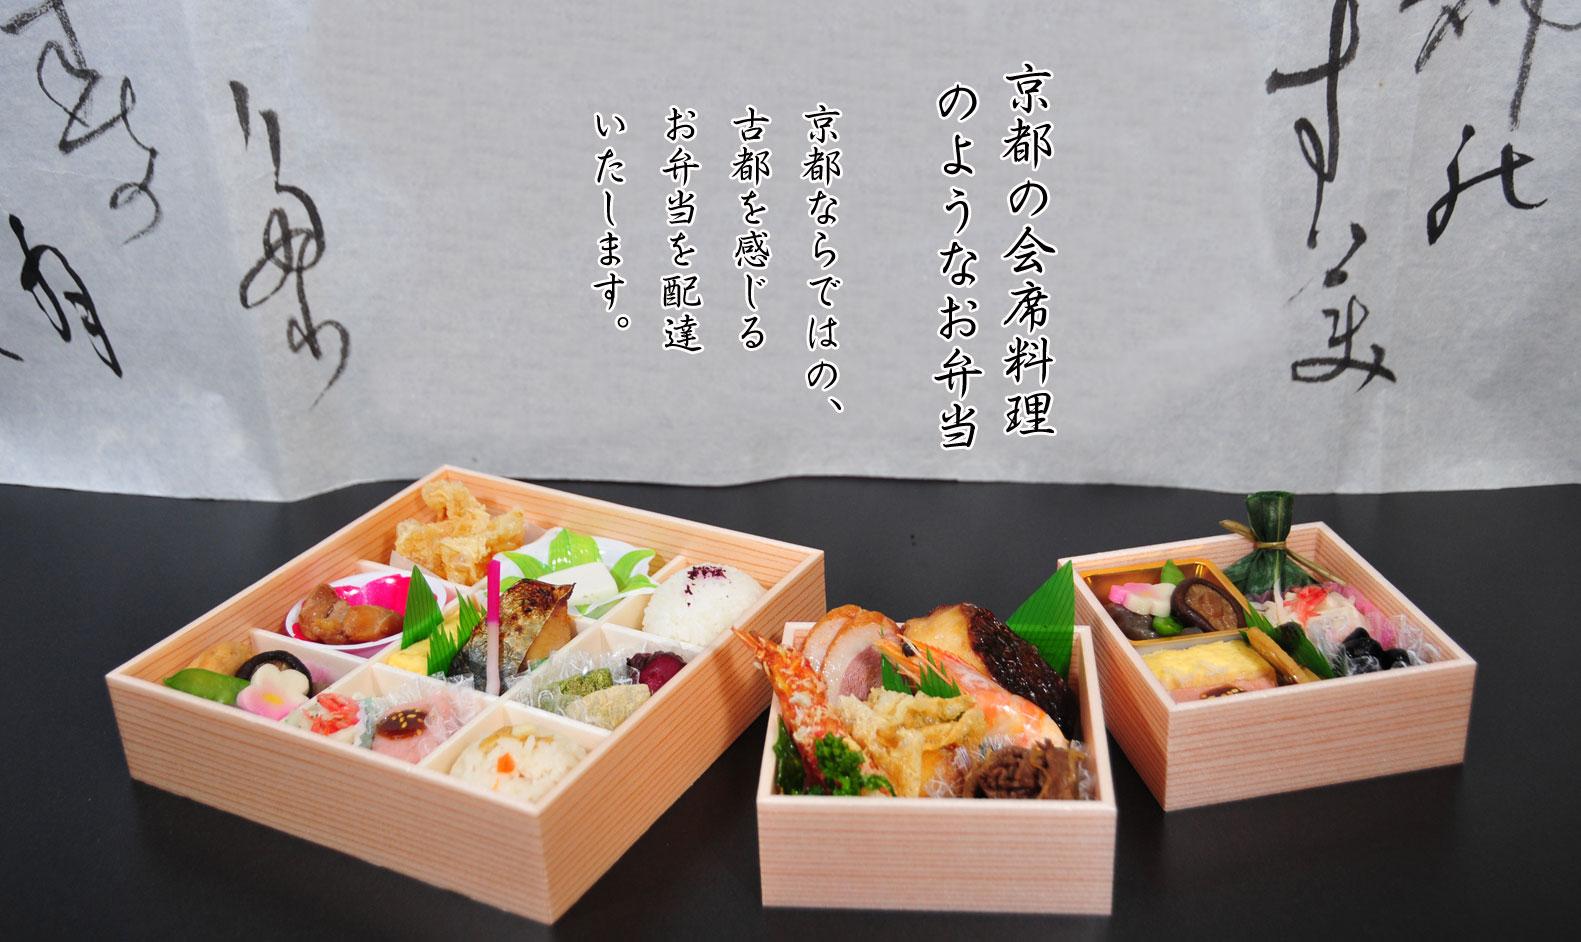 京都の会席料理 のようなお弁当  京都ならではの、古都を感じるお弁当をお届けいたします。